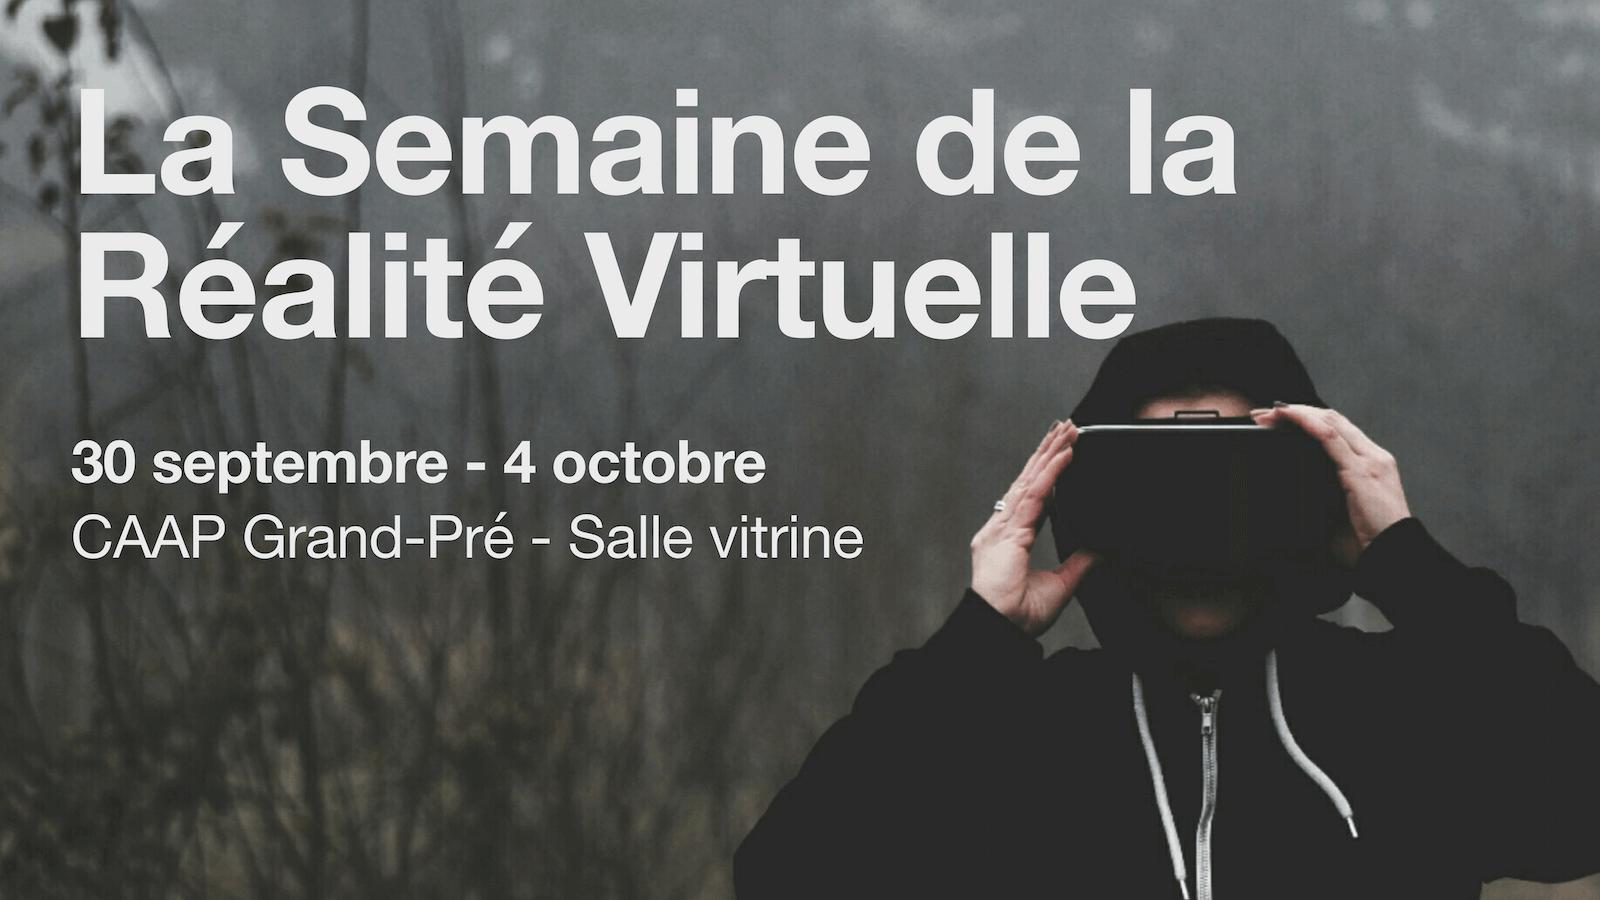 La semaine de la Réalité Virtuelle